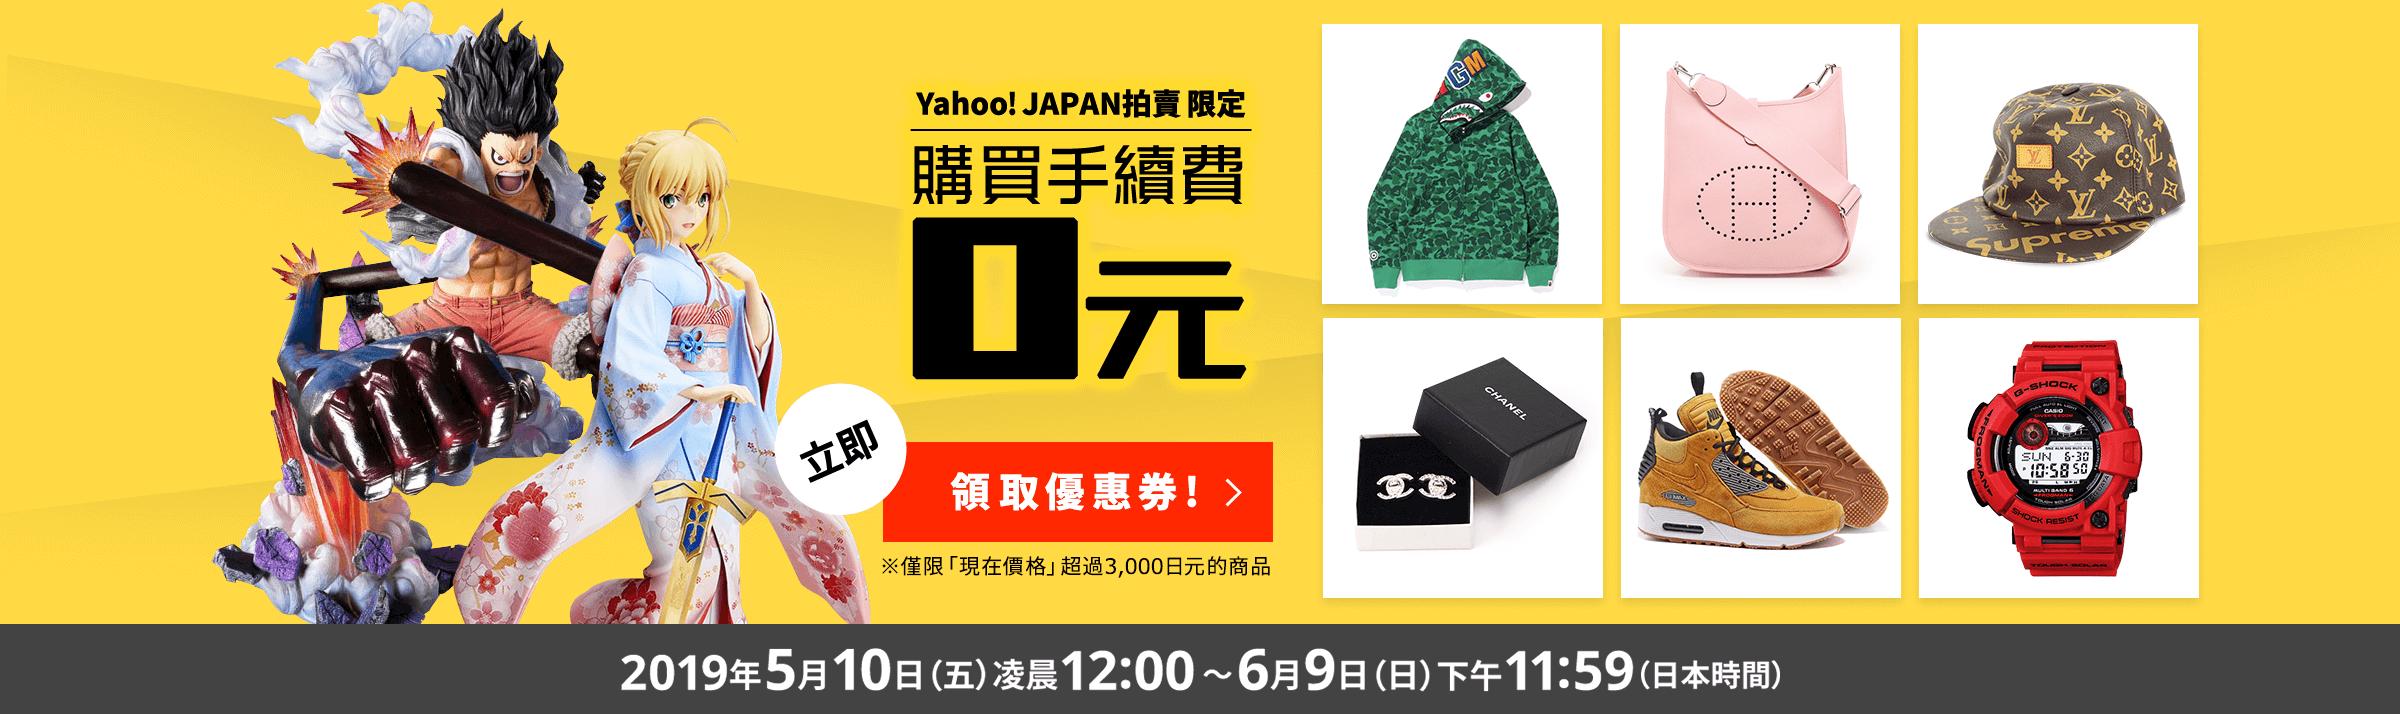 20190510 Yahoo! JAPAN拍賣限定 購買手續費「免費」優惠券